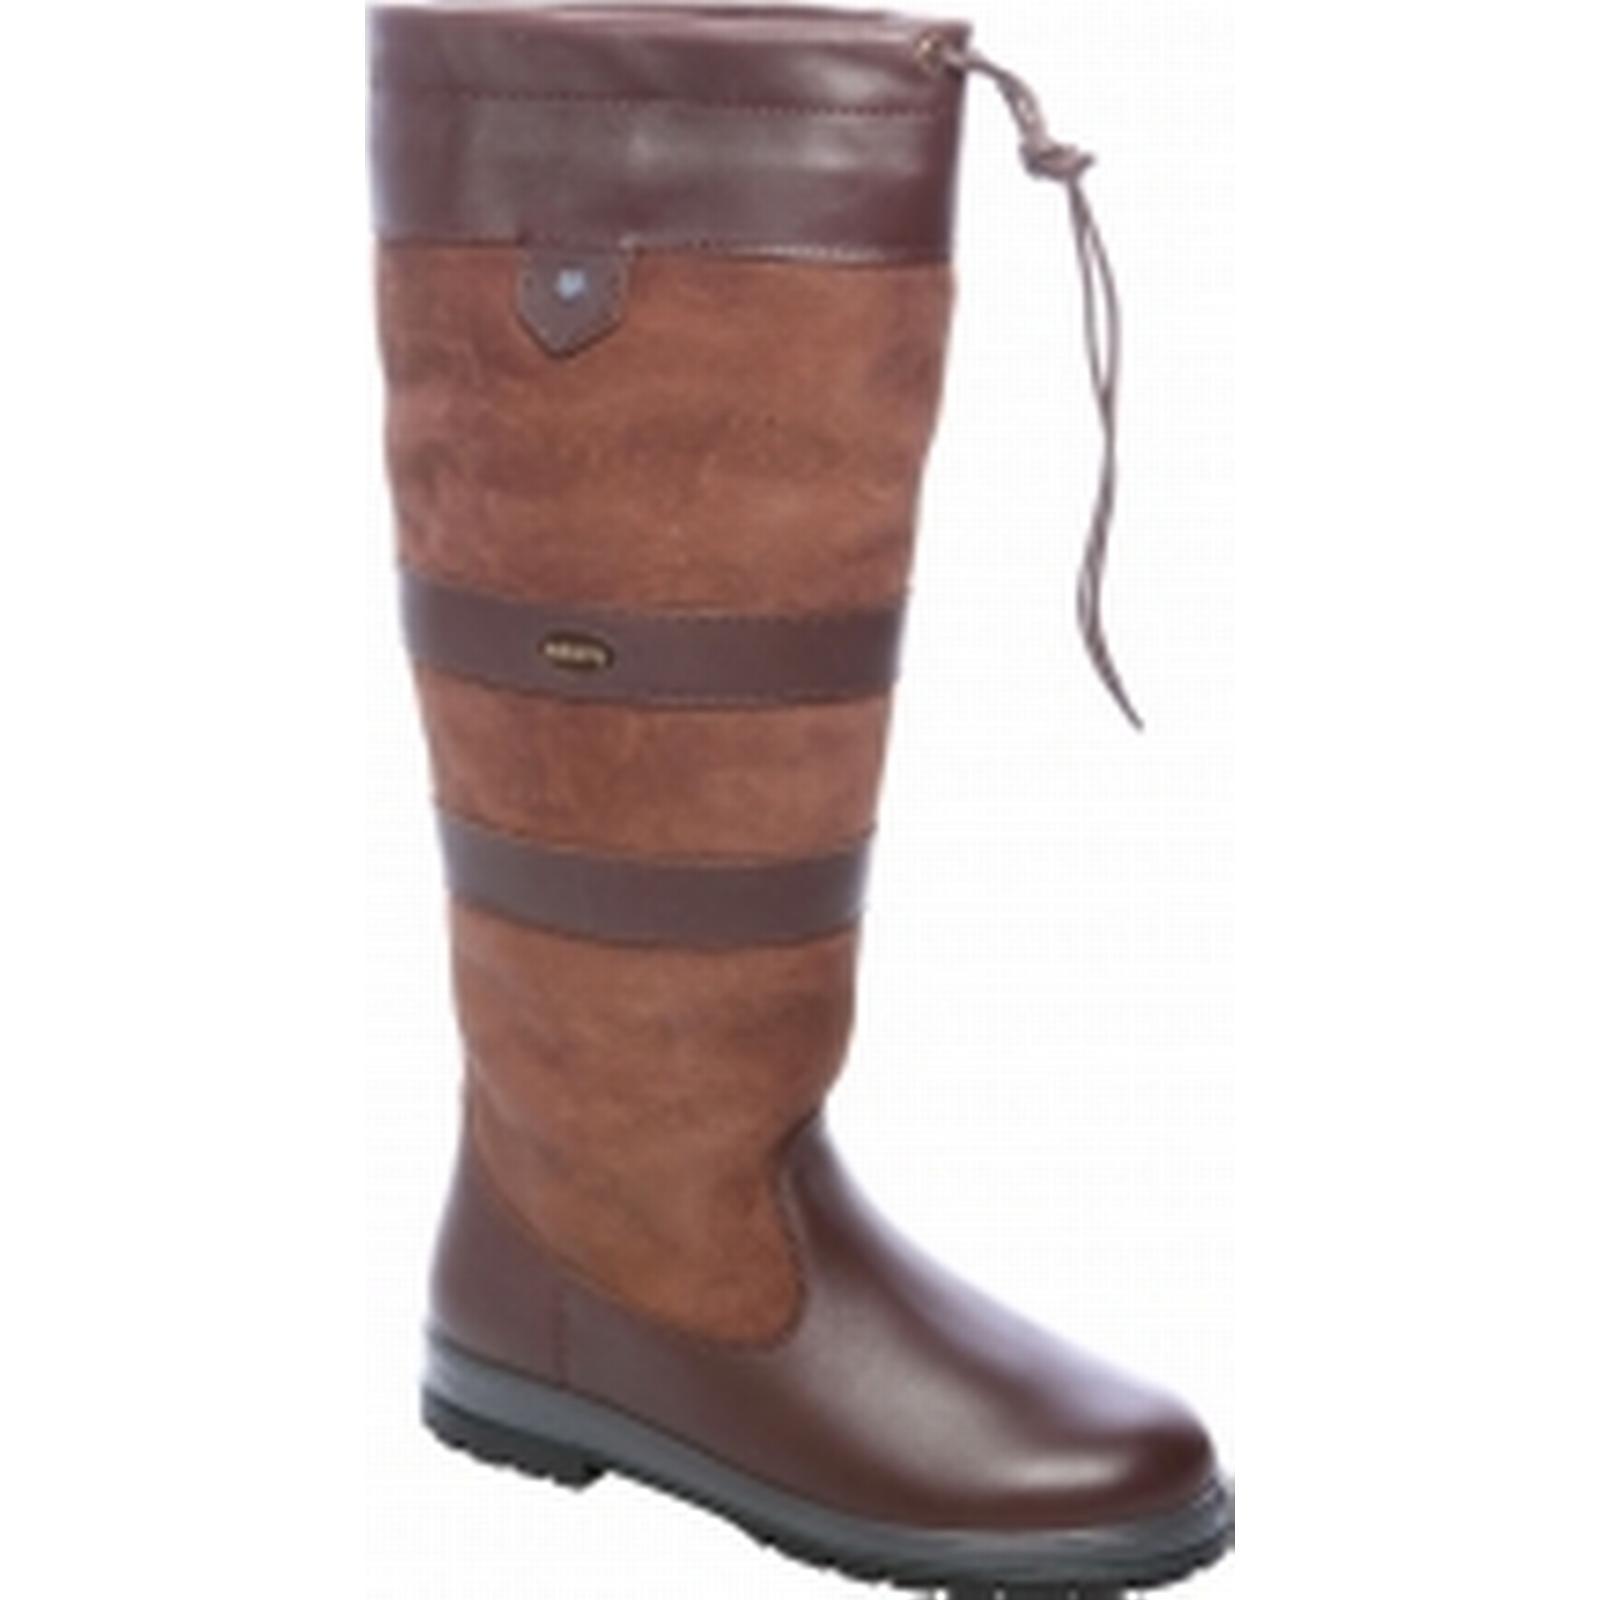 Dubarry Galway ExtraFit Boots, EU42 Walnut, EU42 Boots, (UK8) 275385